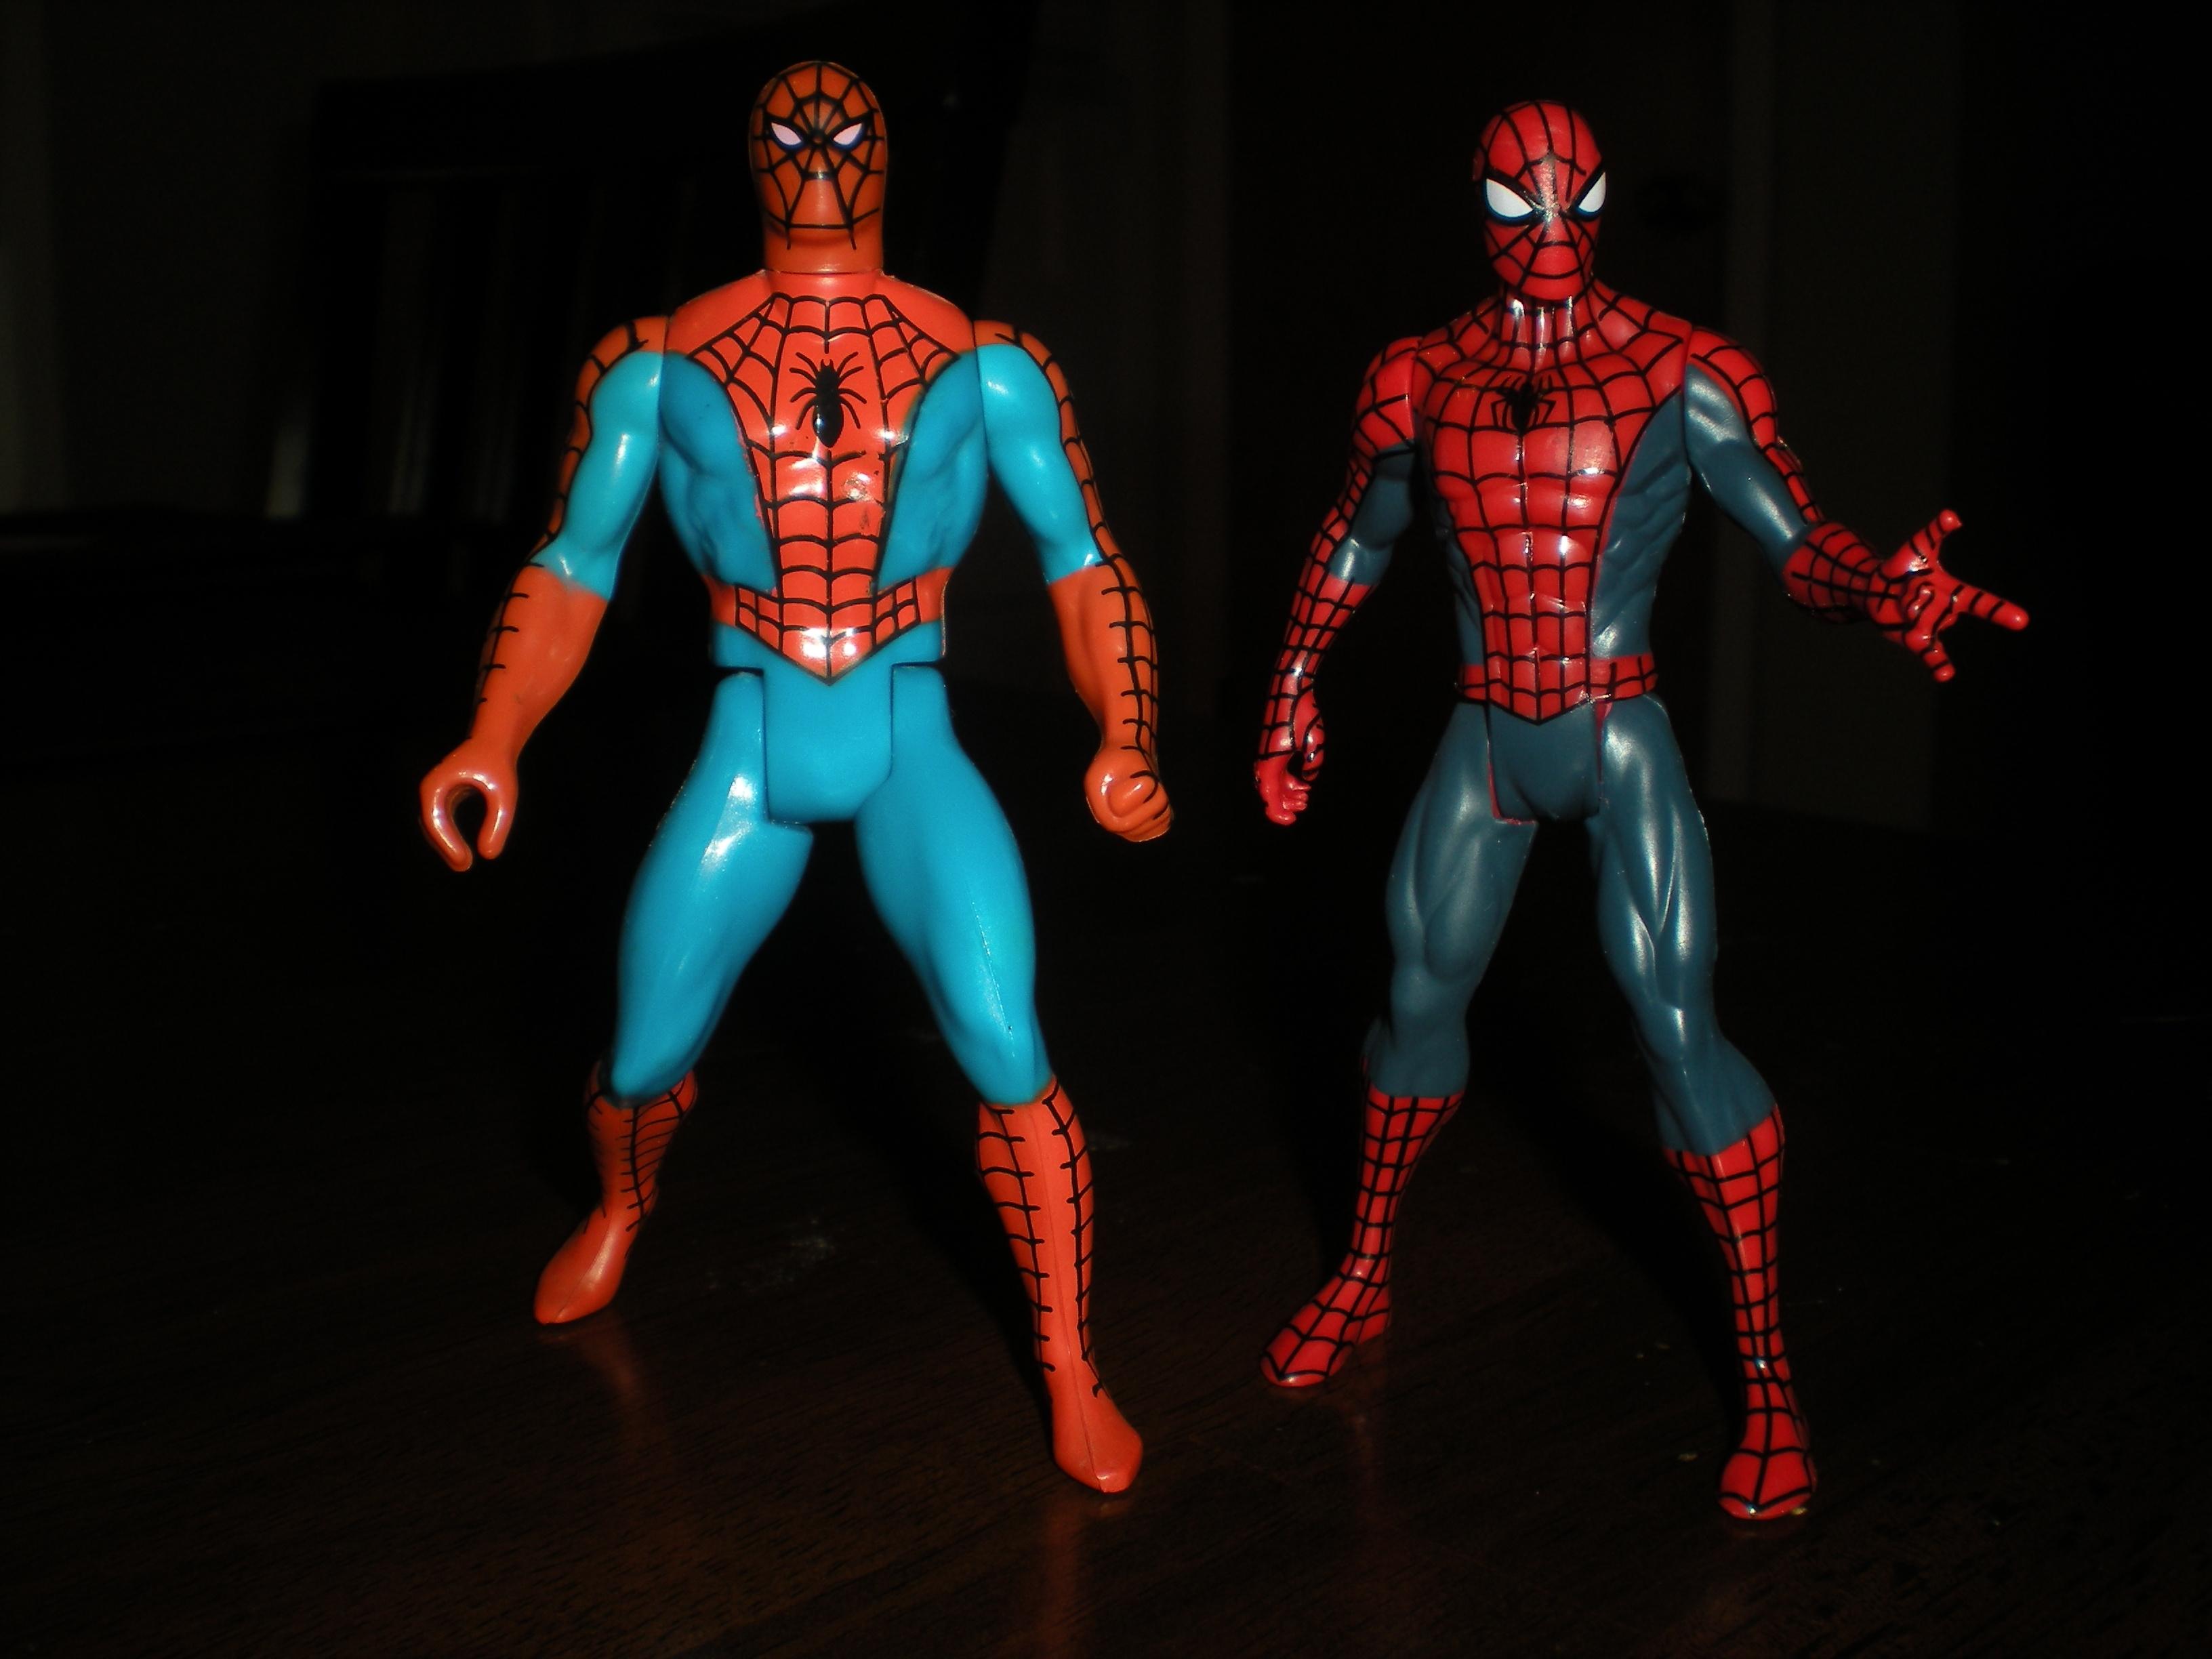 spiderman toys image marvel